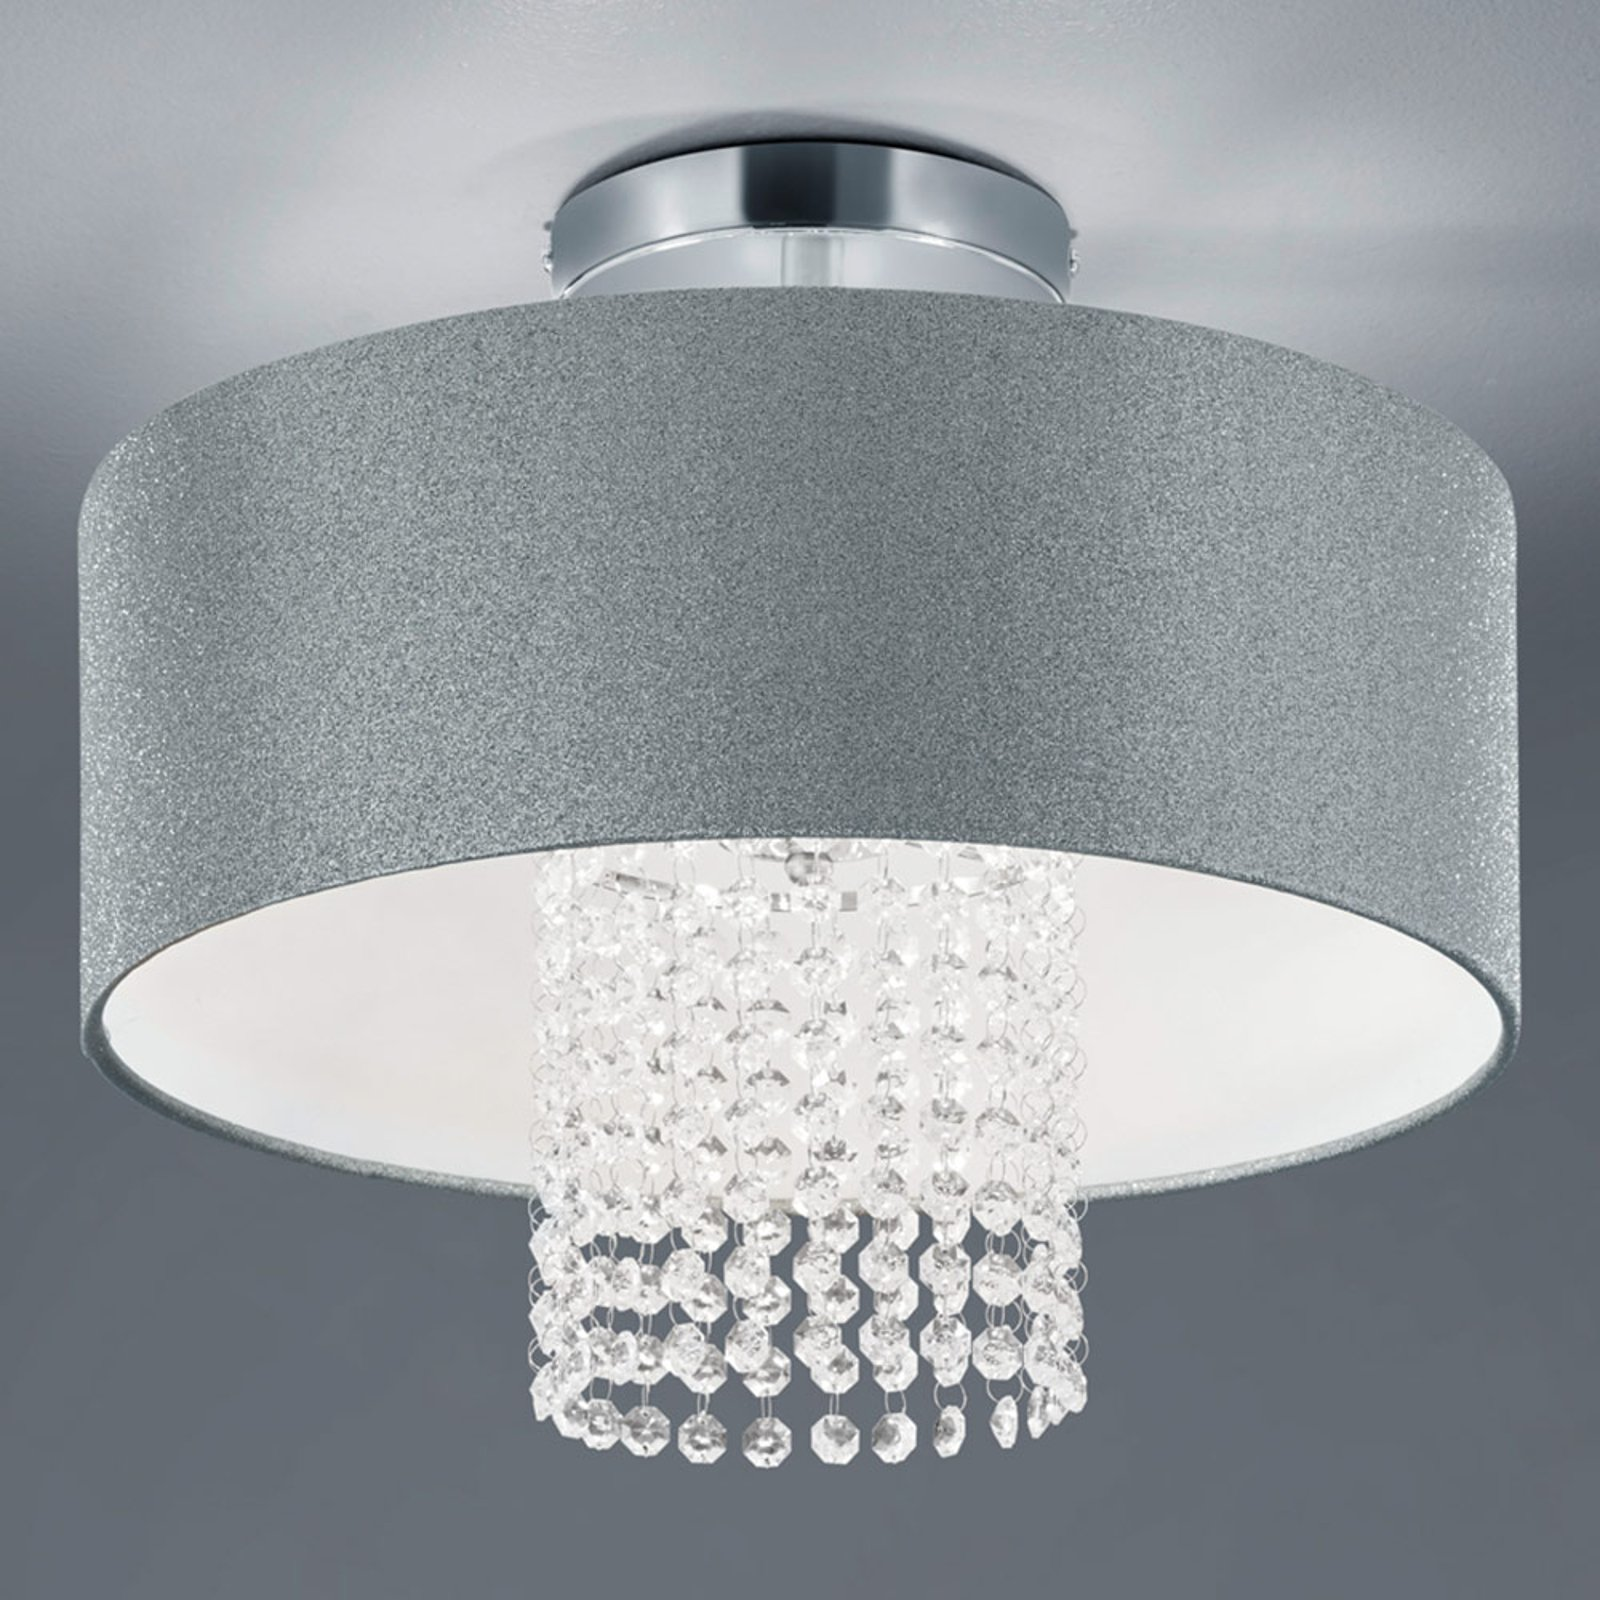 Taklampe King med tekstilskjerm, sølv